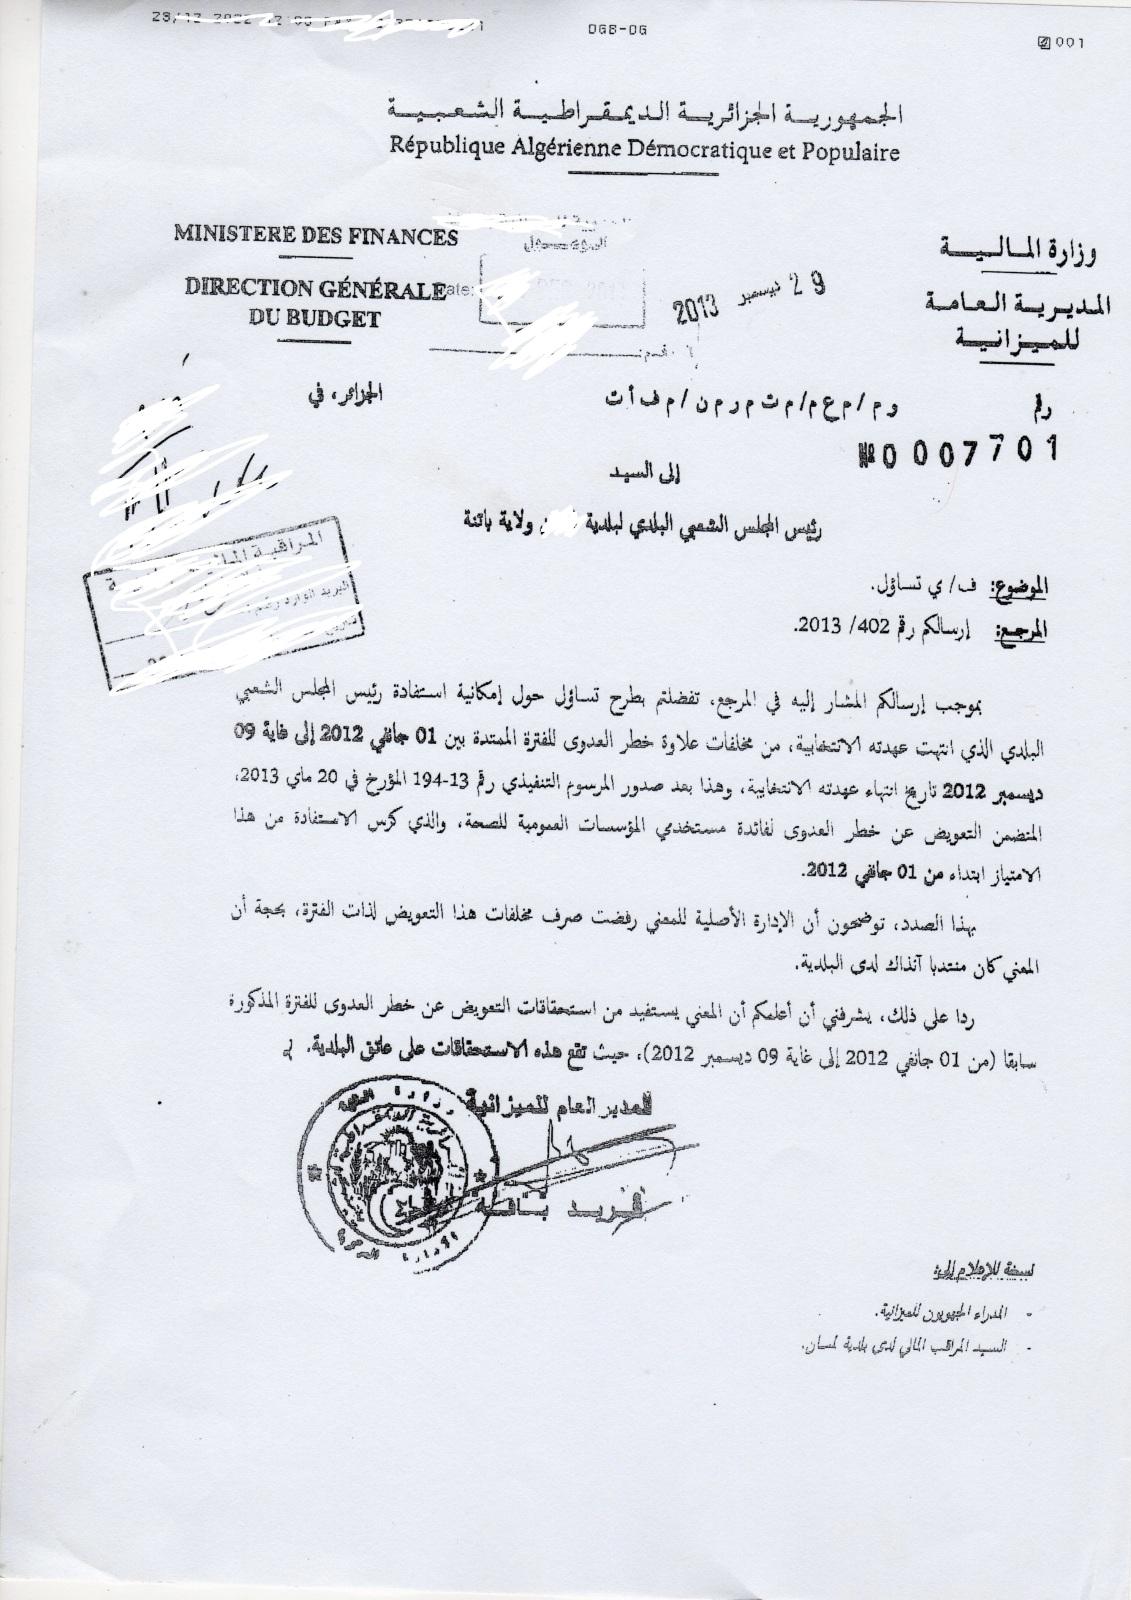 المراسلات الصادرة عن المديرية العامة للميزانية - صفحة 2 Np14p1